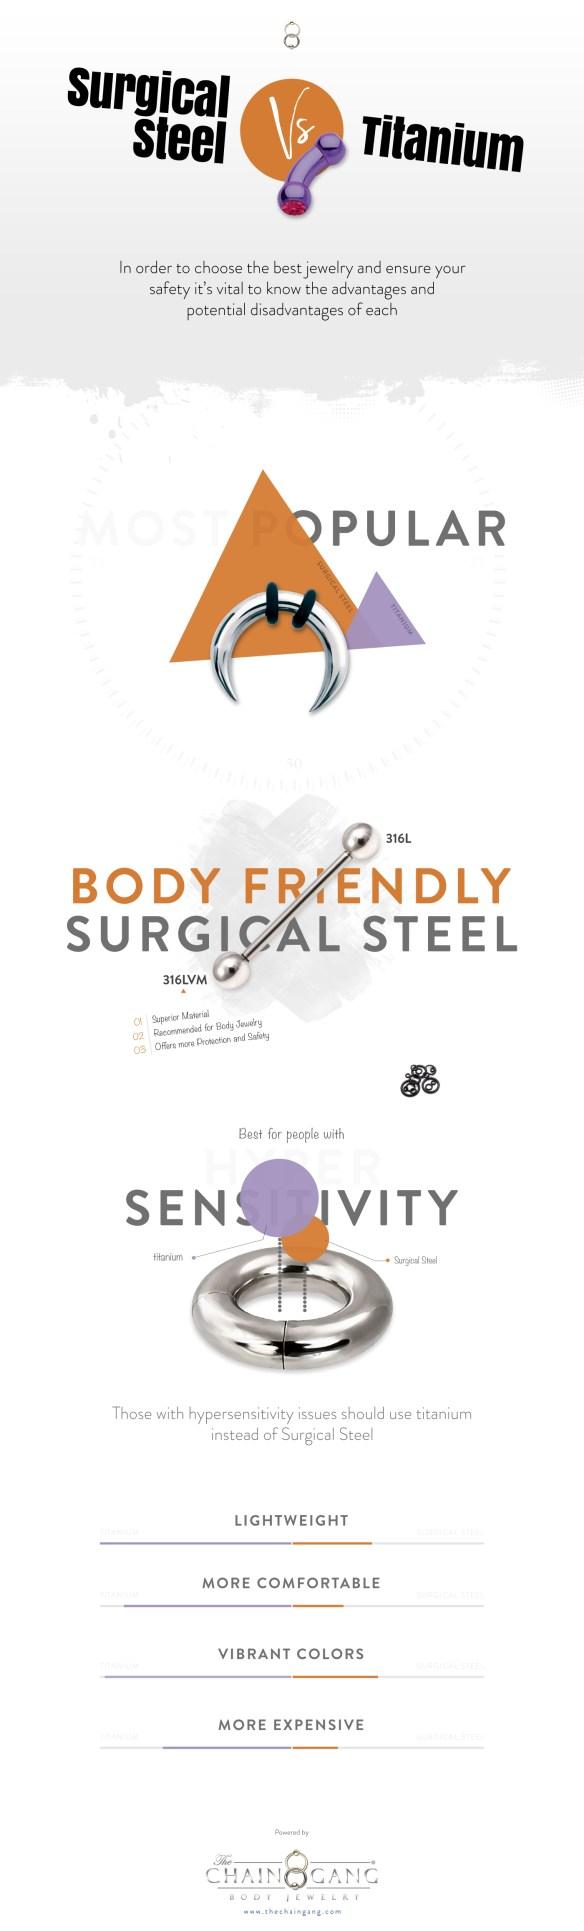 Surgical Steel vs Titanium - Infographic